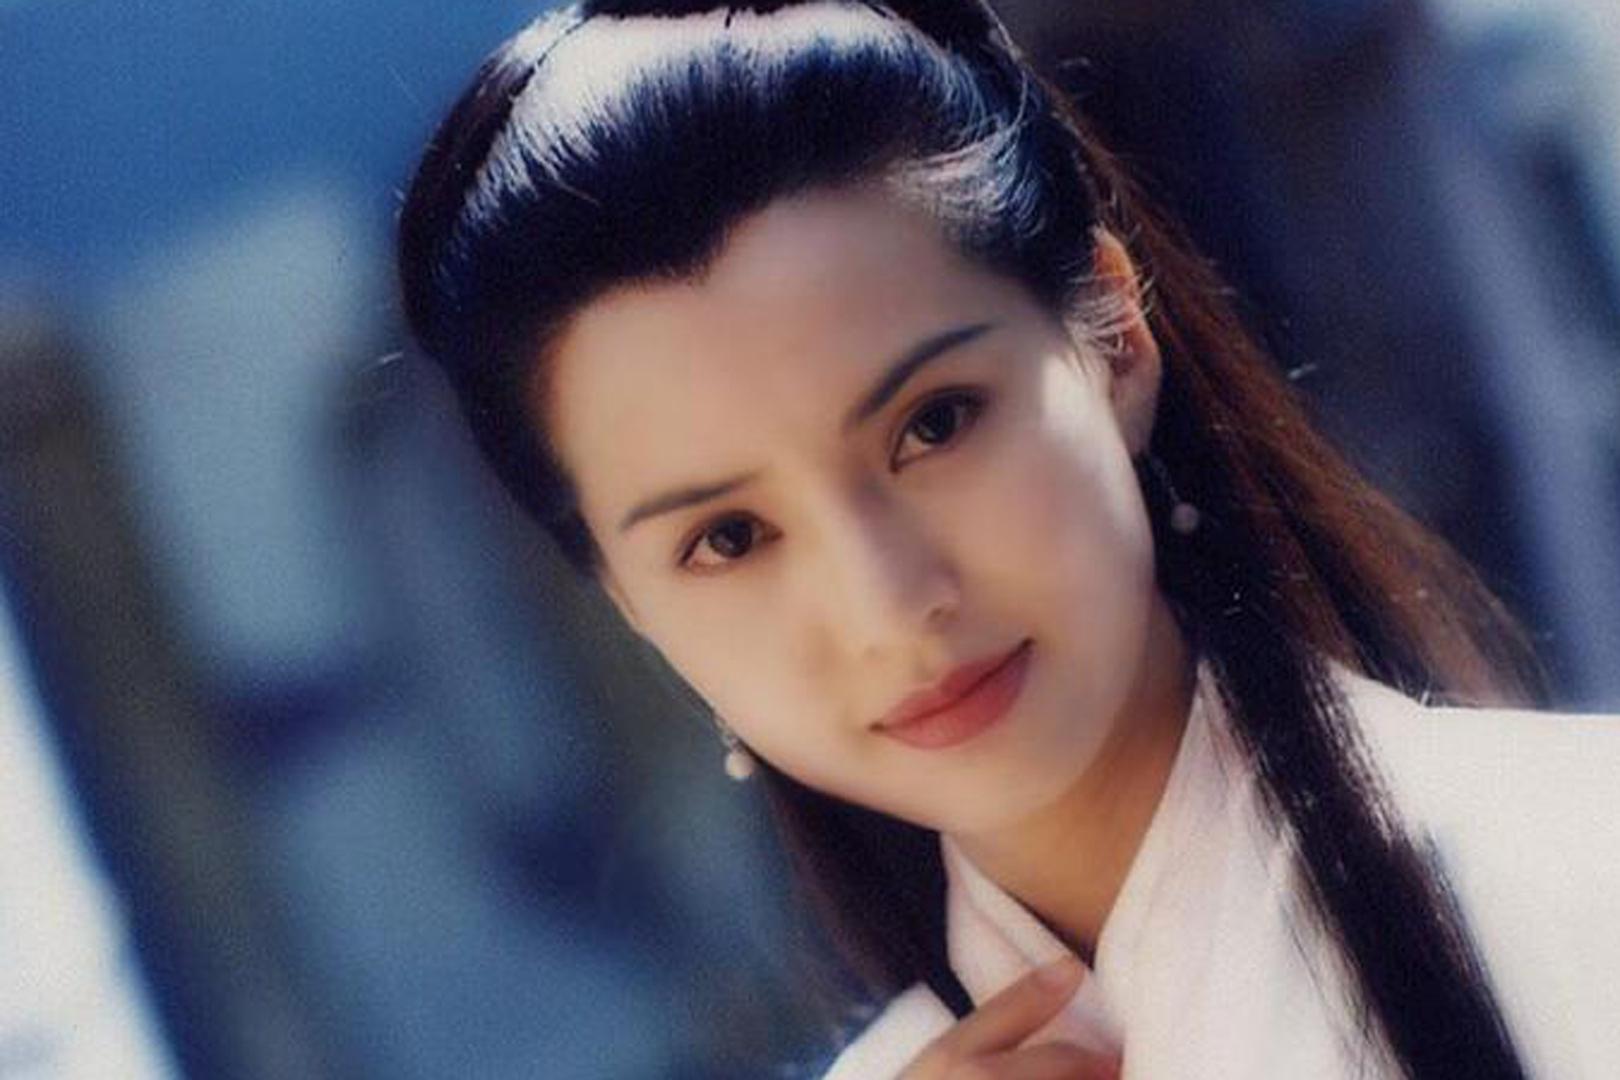 無法超越的十大經典電視劇角色,李若彤上榜,六小齡童位居榜首